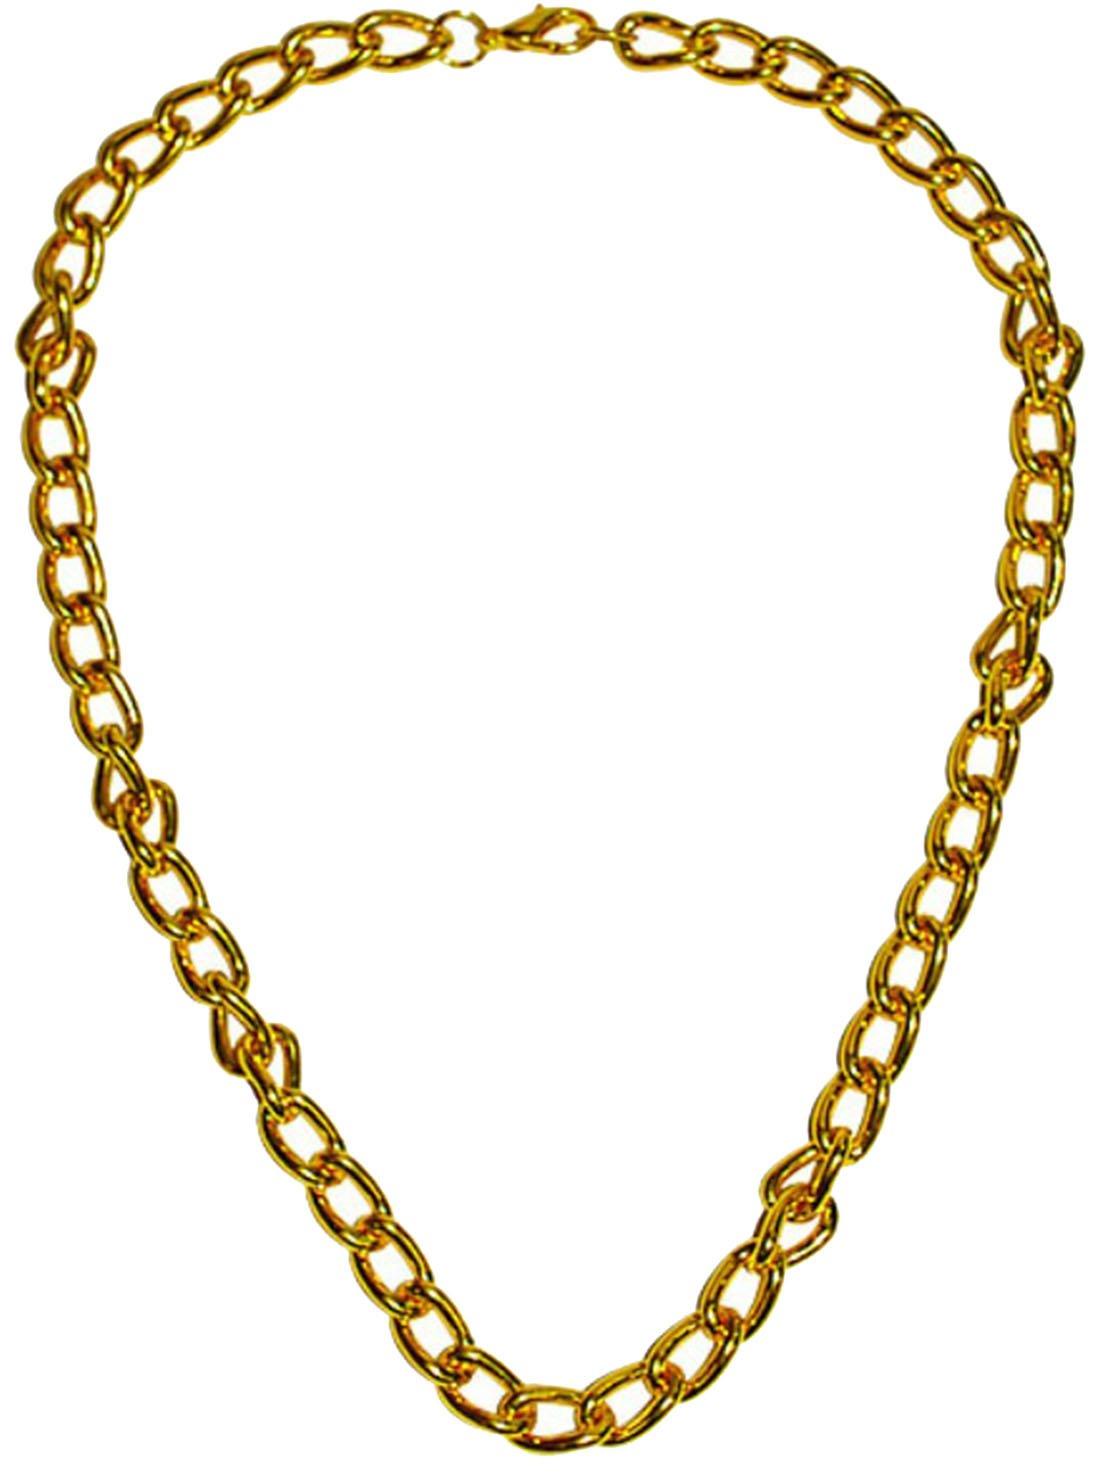 Goldkette gangster  Karnevalsbud - Karneval Kostüm Accessoire Goldkette Gangster, Gold ...